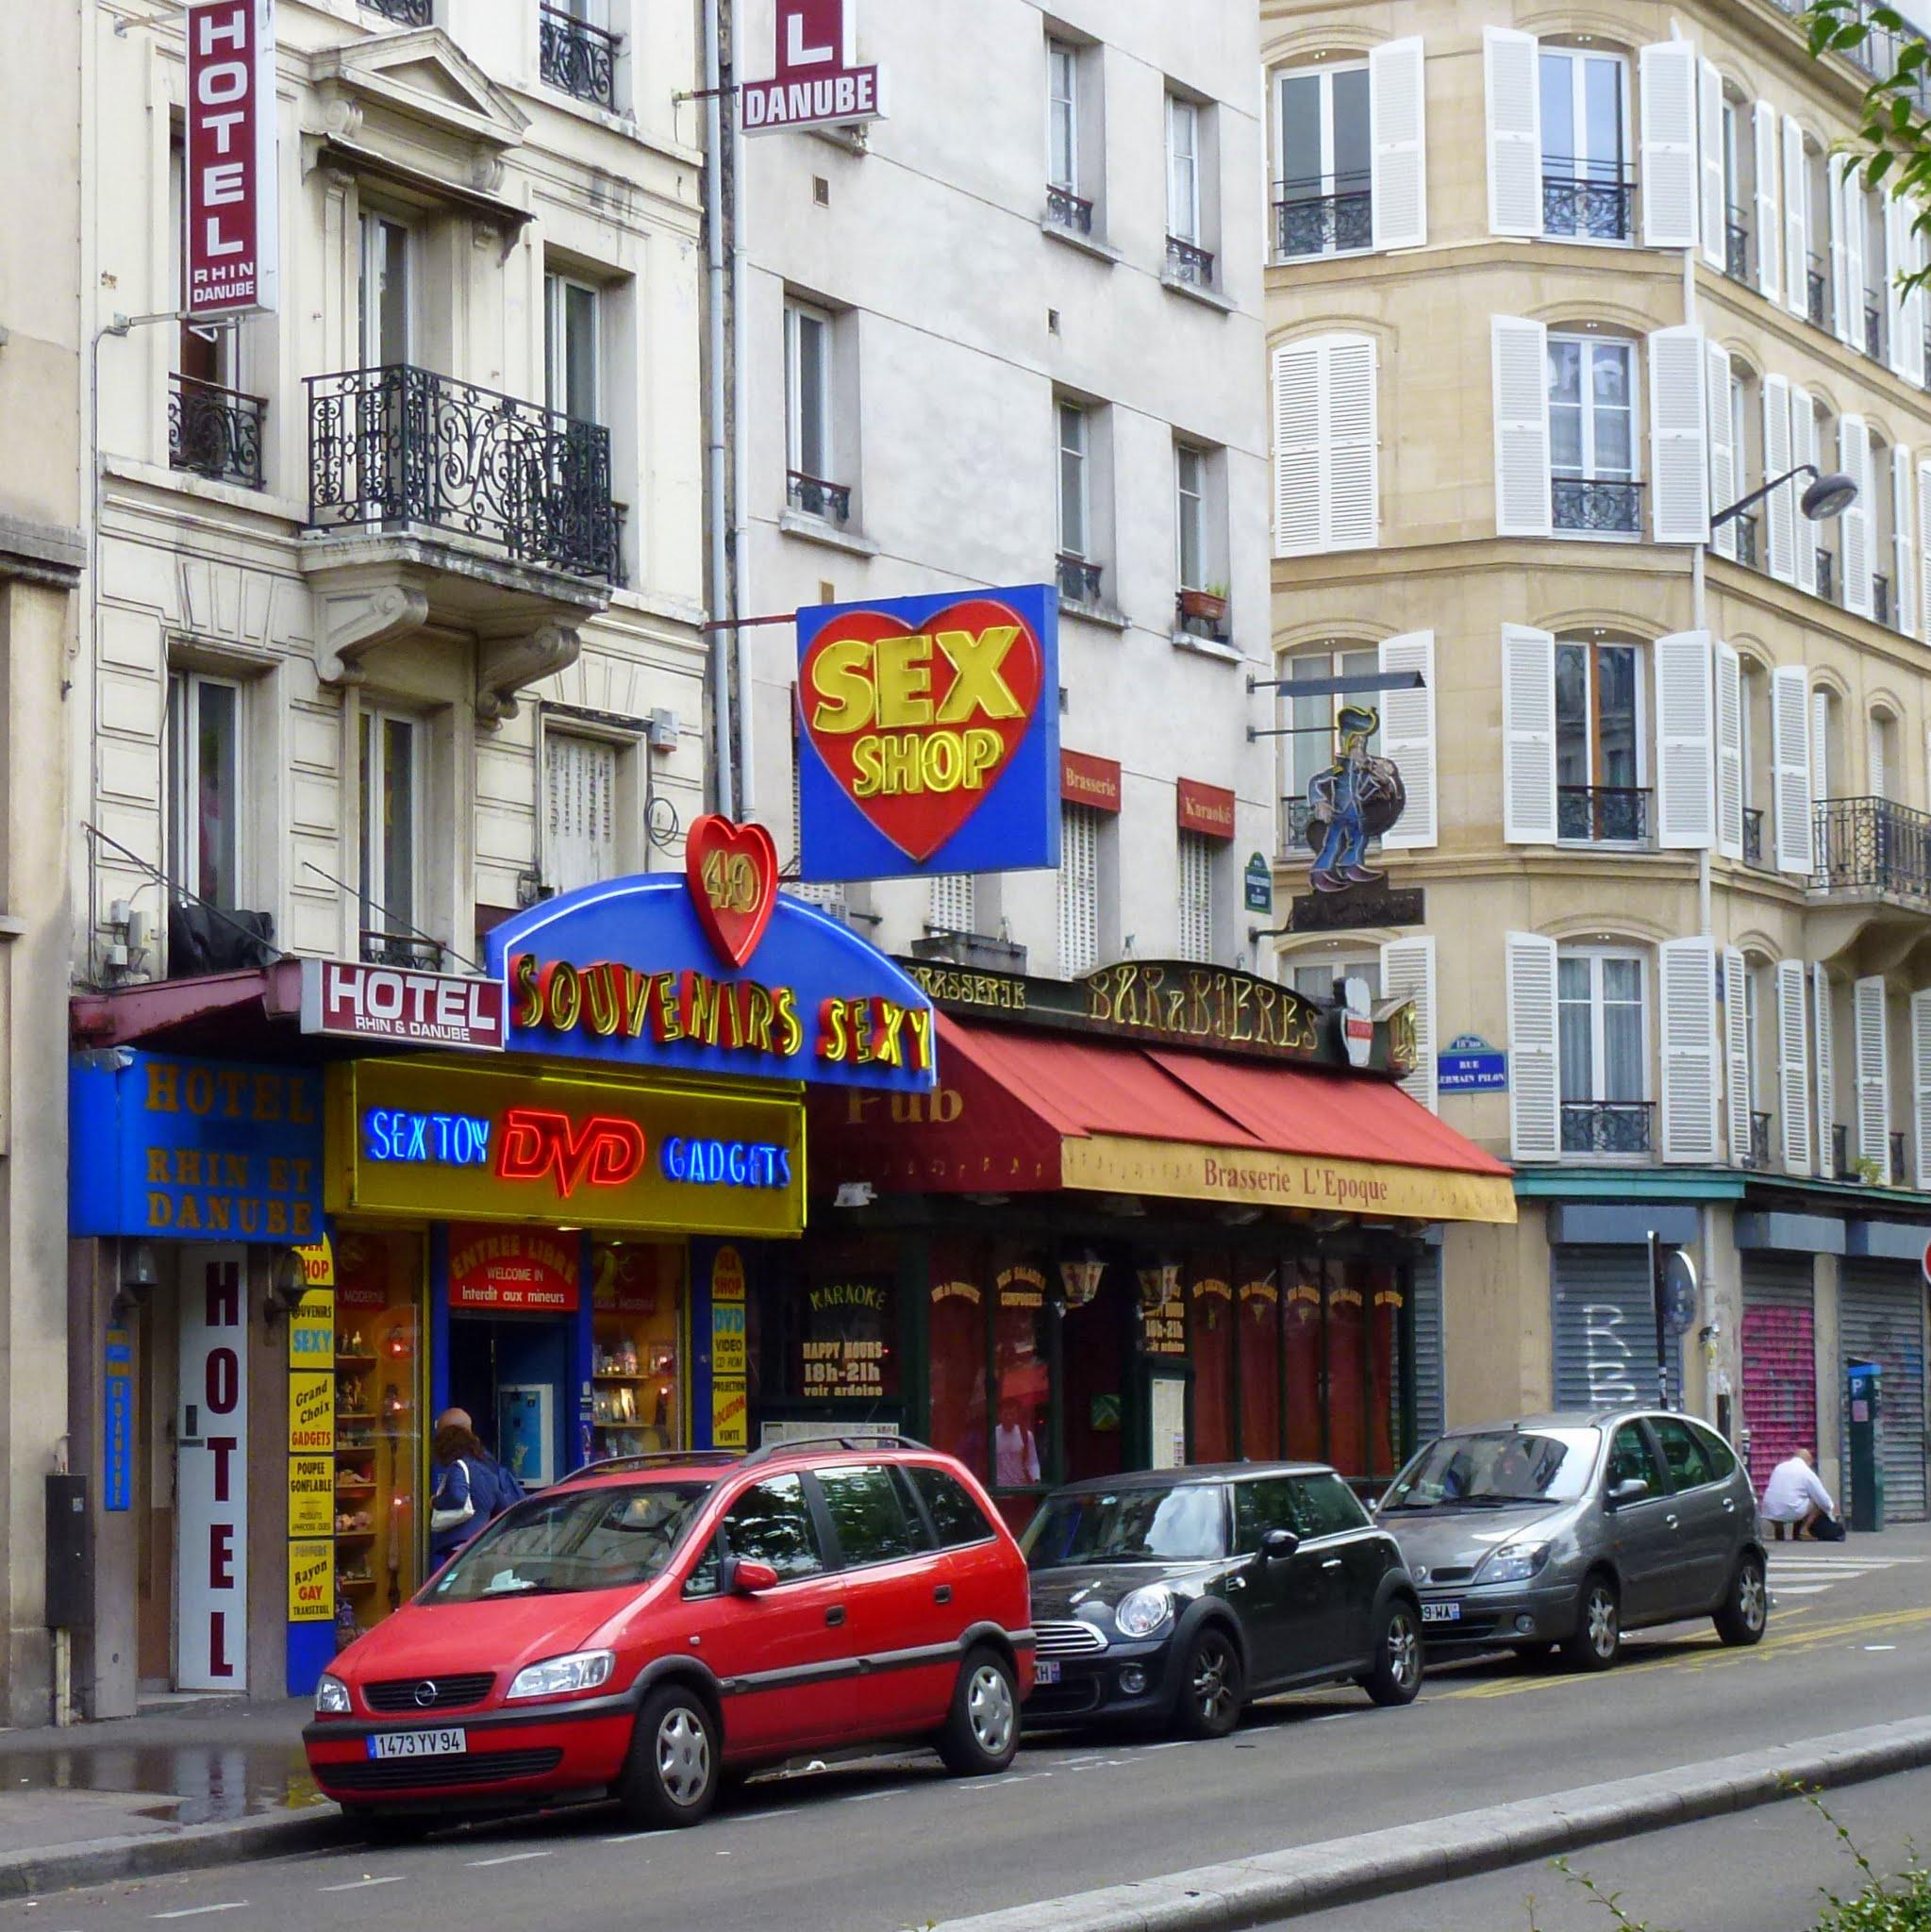 Rencontres Coquines Yvelines Et Je Cherche Des Site De Rencontre Gratuit, Eyragues